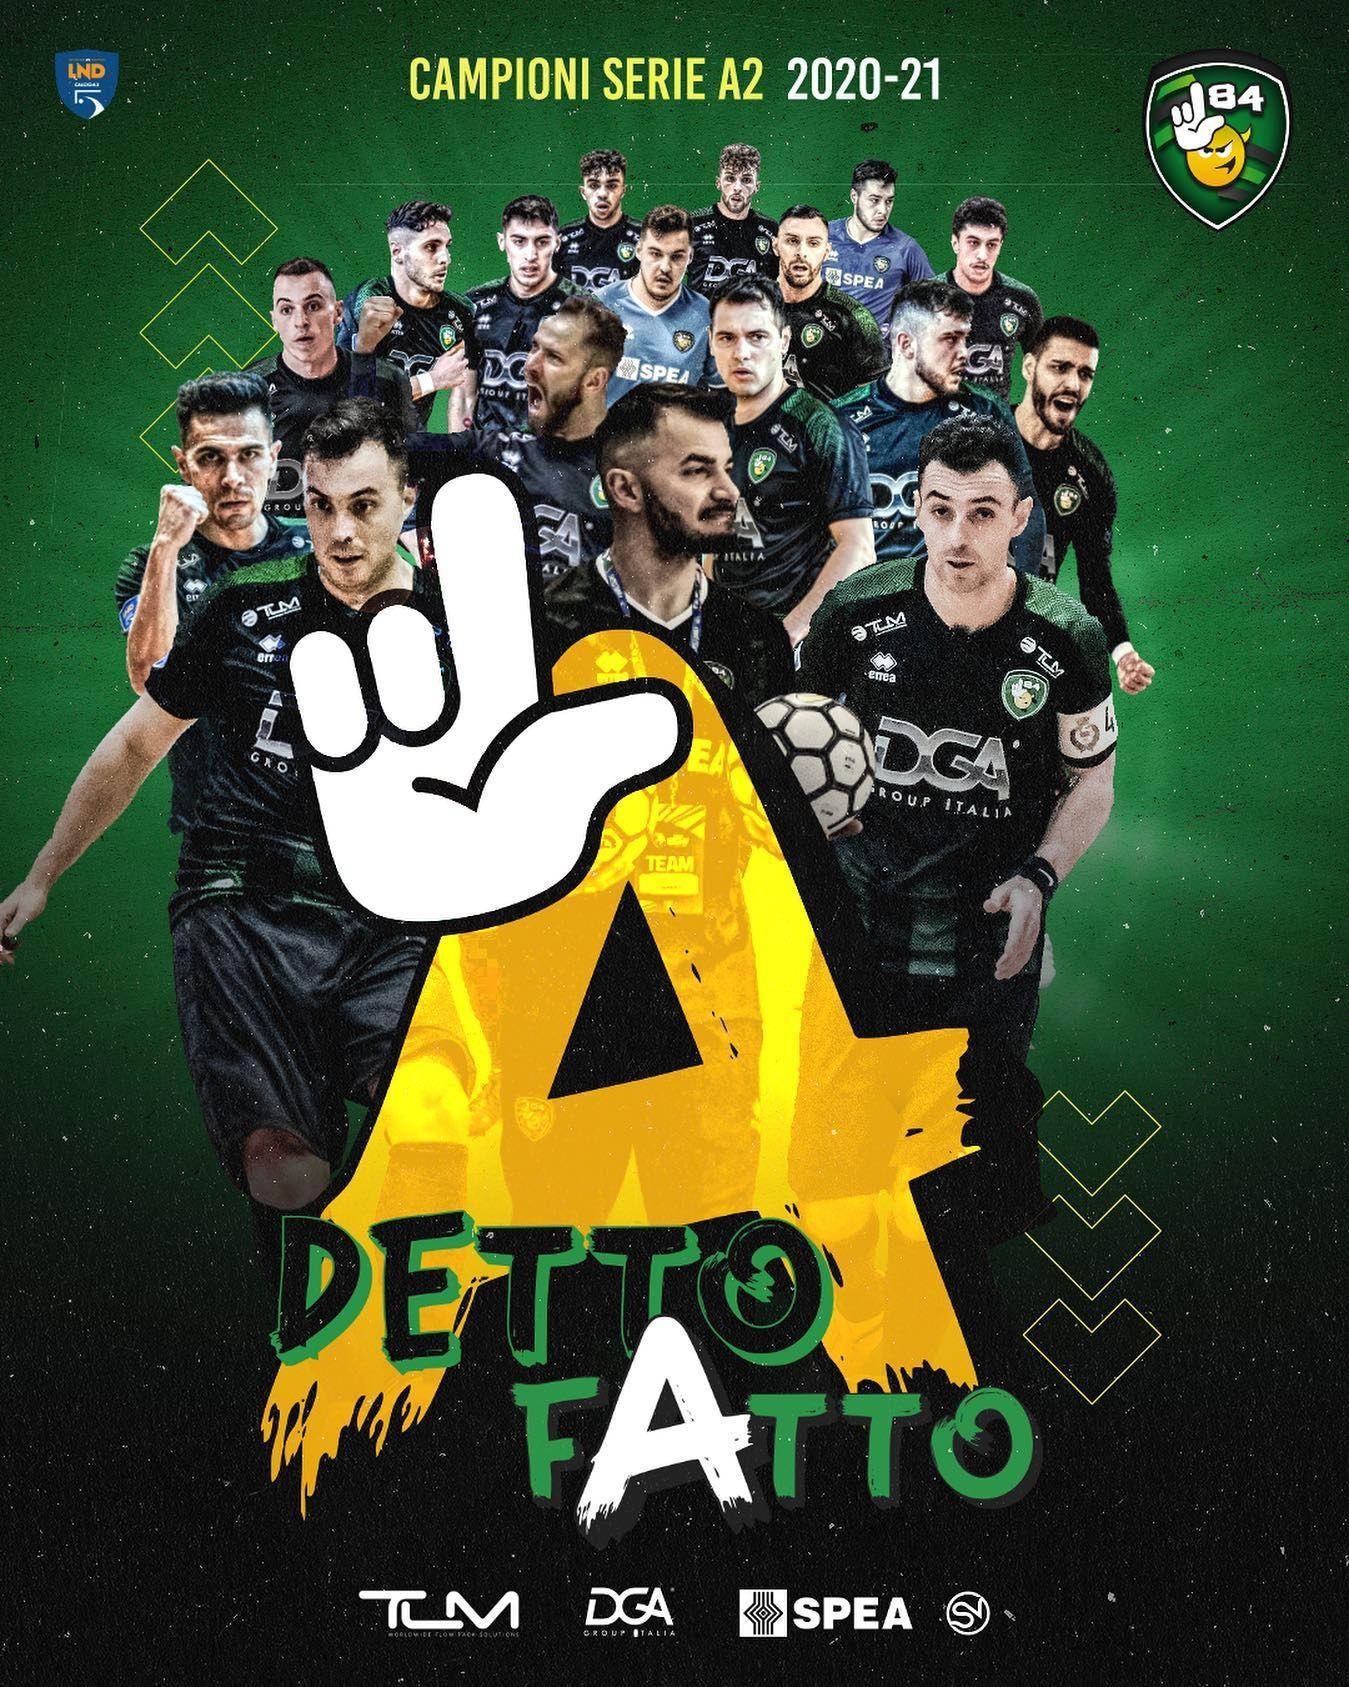 CALCIO A 5 SERIE A2 - L84 vince il campionato: dai dilettanti alla Seria A in dieci anni